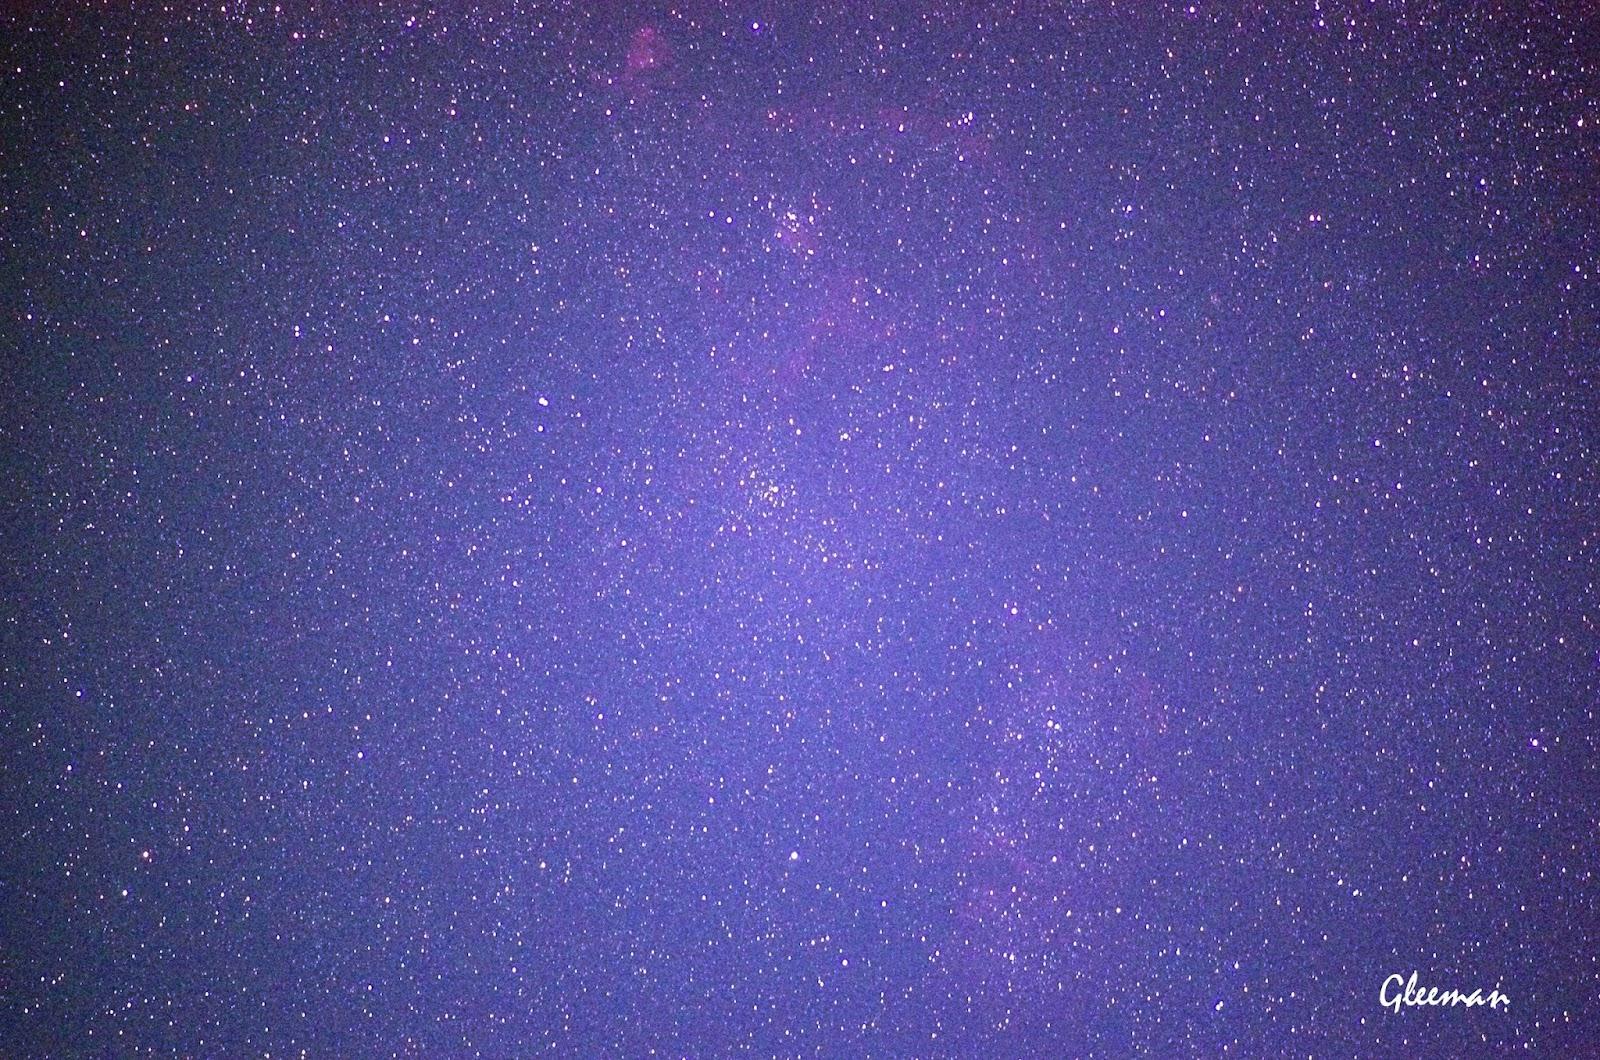 不明顯的心和靈魂(Heart & Soul)星雲, Pentax K5+O-GPS1/DA*200 /LPS-P2